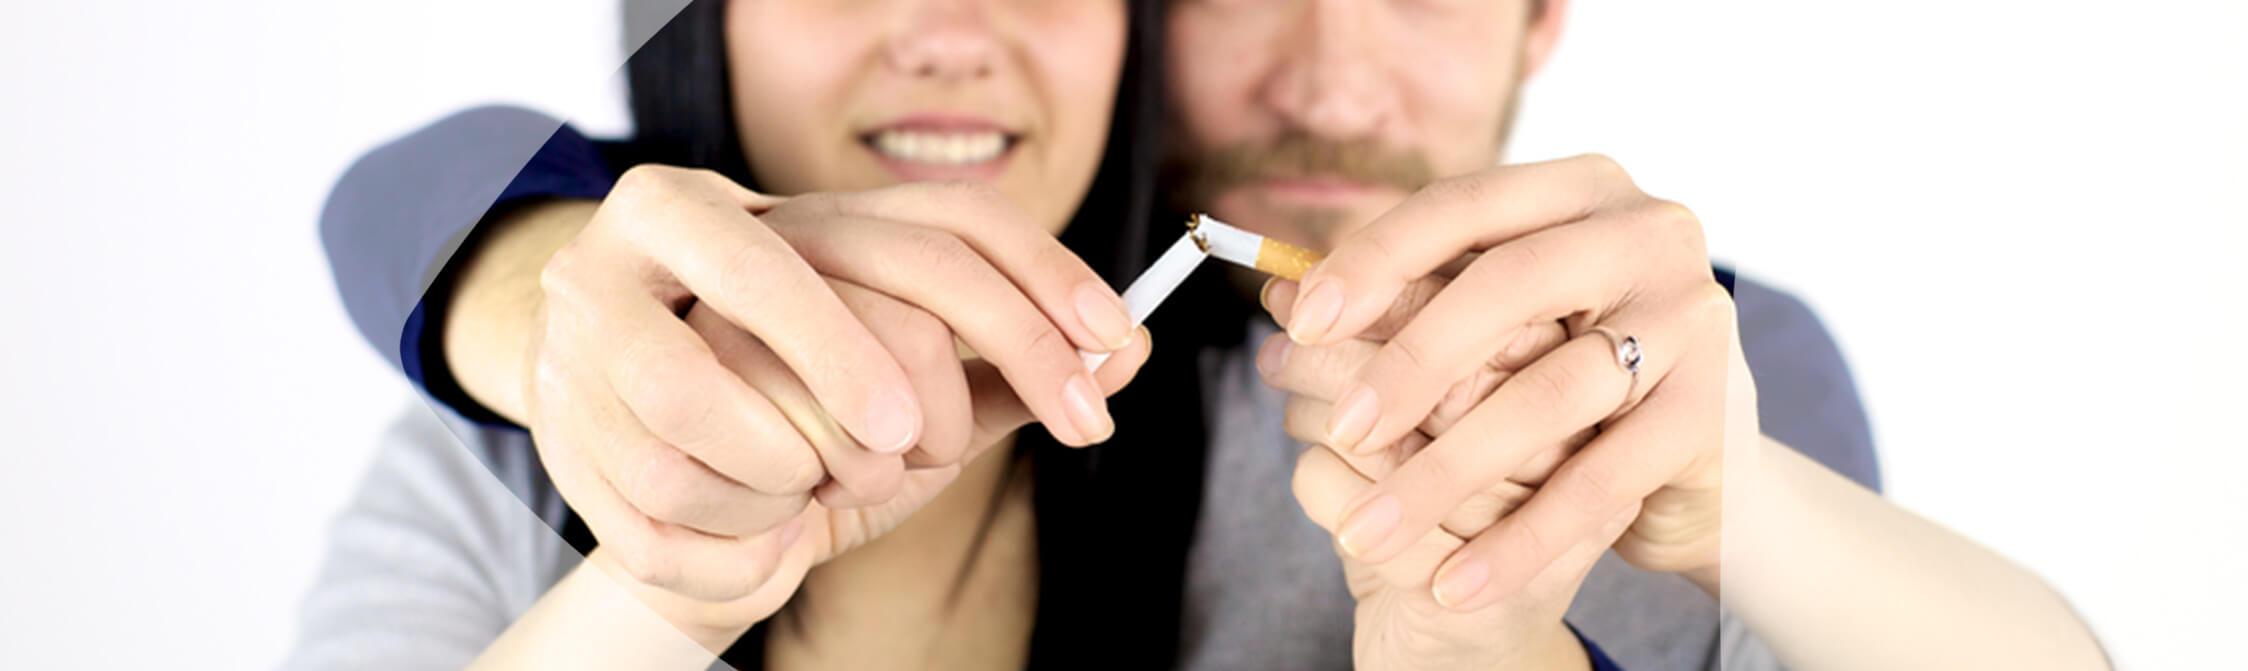 Como são os pulmões dos fumadores